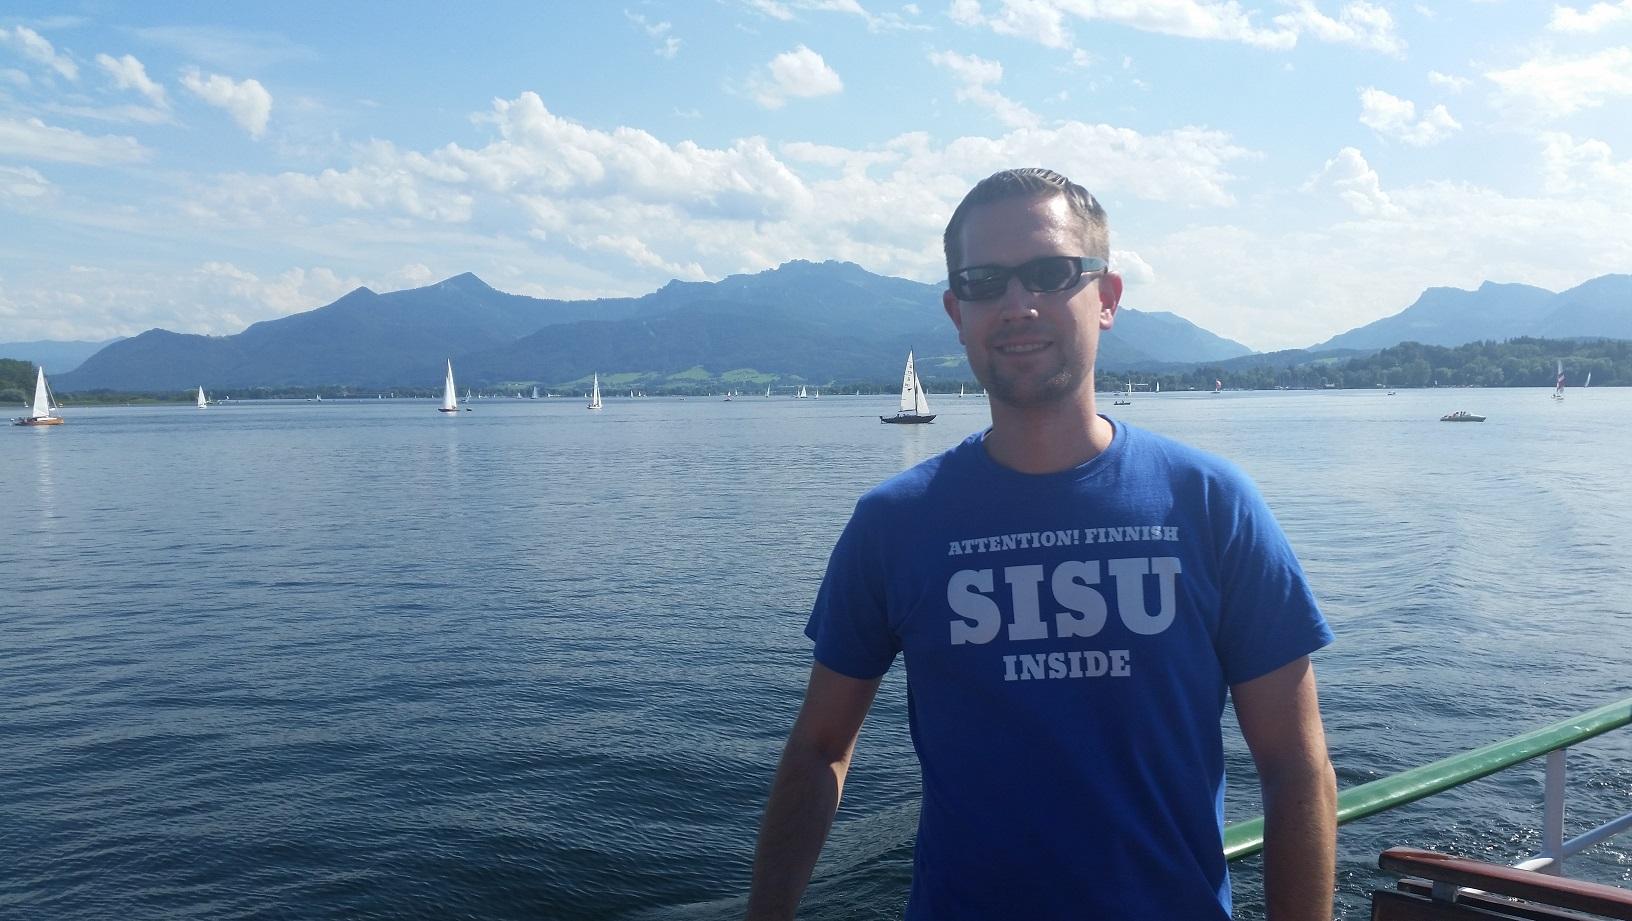 """Ob in Finnland oder - wie hier - am schönen Chiemsee, das """"Finnish Sisu inside""""-T-Shirt lässt keine Fragen offen."""